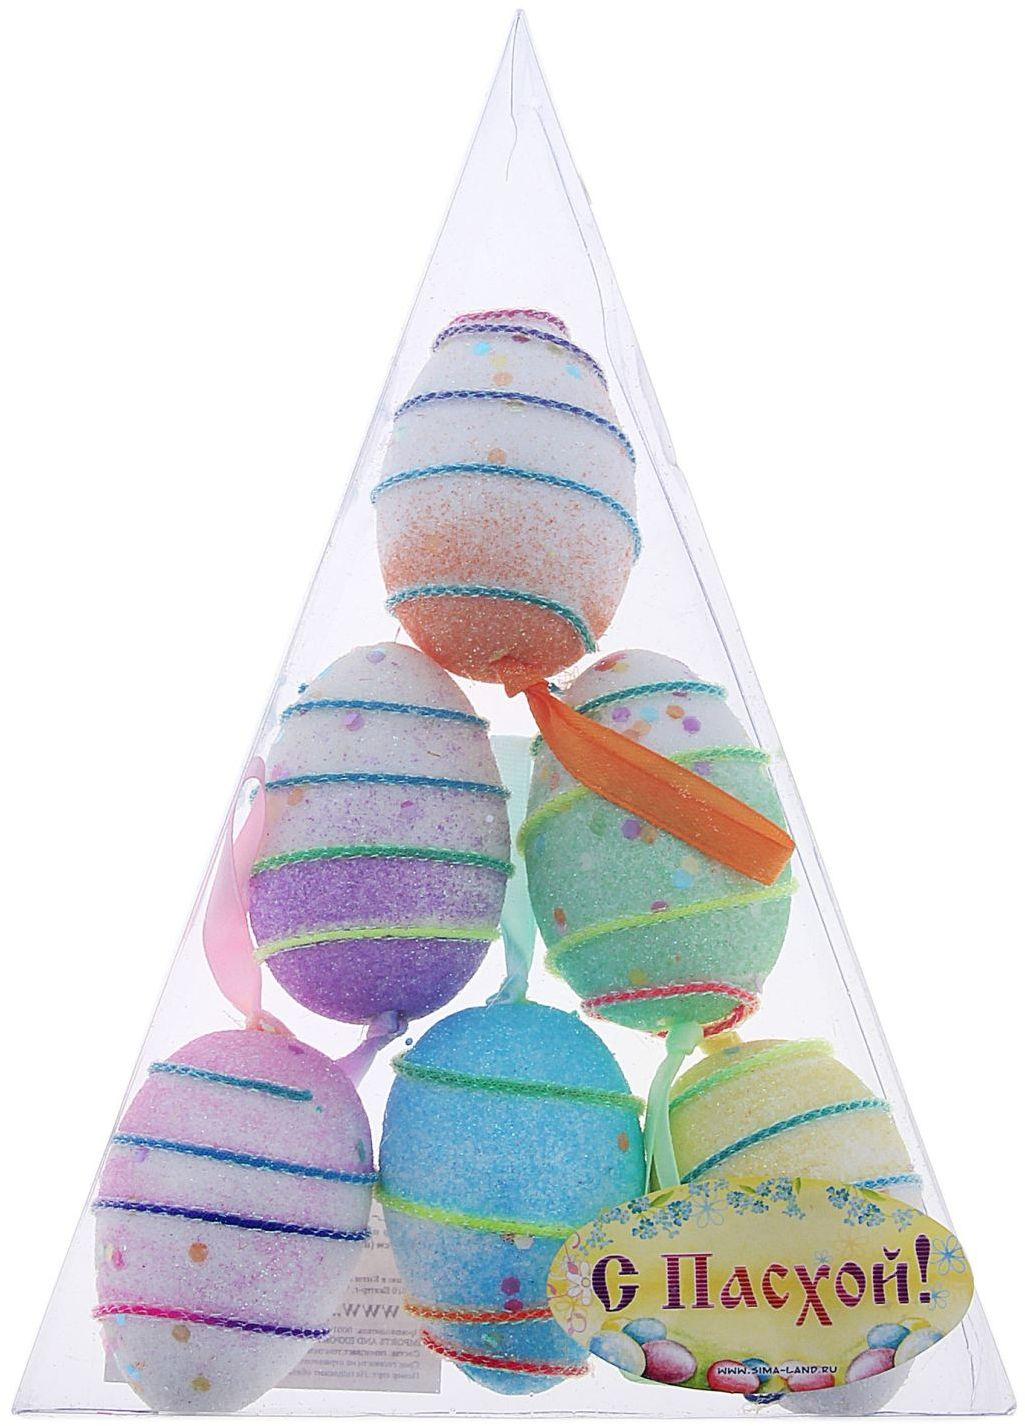 Сувенир пасхальный Sima-land Яйцо. Спираль, 4 х 6 см, 6 шт114776Яйцо - это главный пасхальный символ, который символизирует для христиан новую жизнь и возрождение, поэтому его присутствие на праздничном столе является обязательным элементом во многих странах. Сегодня крашеными яйцами принято не только украшать праздничный стол. Если вы решили серьёзно подойти к декору квартиры, и вам нужно, например, подвесить яйца, закрепить на веточках, в этом вам поможет сувенир - пасхальное яйцо Спираль (набор 6 шт) - очаровательный символ, который покорит сердце каждого. Можете уложить эти чудесные яйца в плетёную корзинку, на красивую салфетку, и перед вами уже готовый подарок или композиция для сервировки стола. Приобретая такой сувенир, вы сэкономите кучу времени на росписи яиц, оставив его на выпечку самого вкусного кулича.